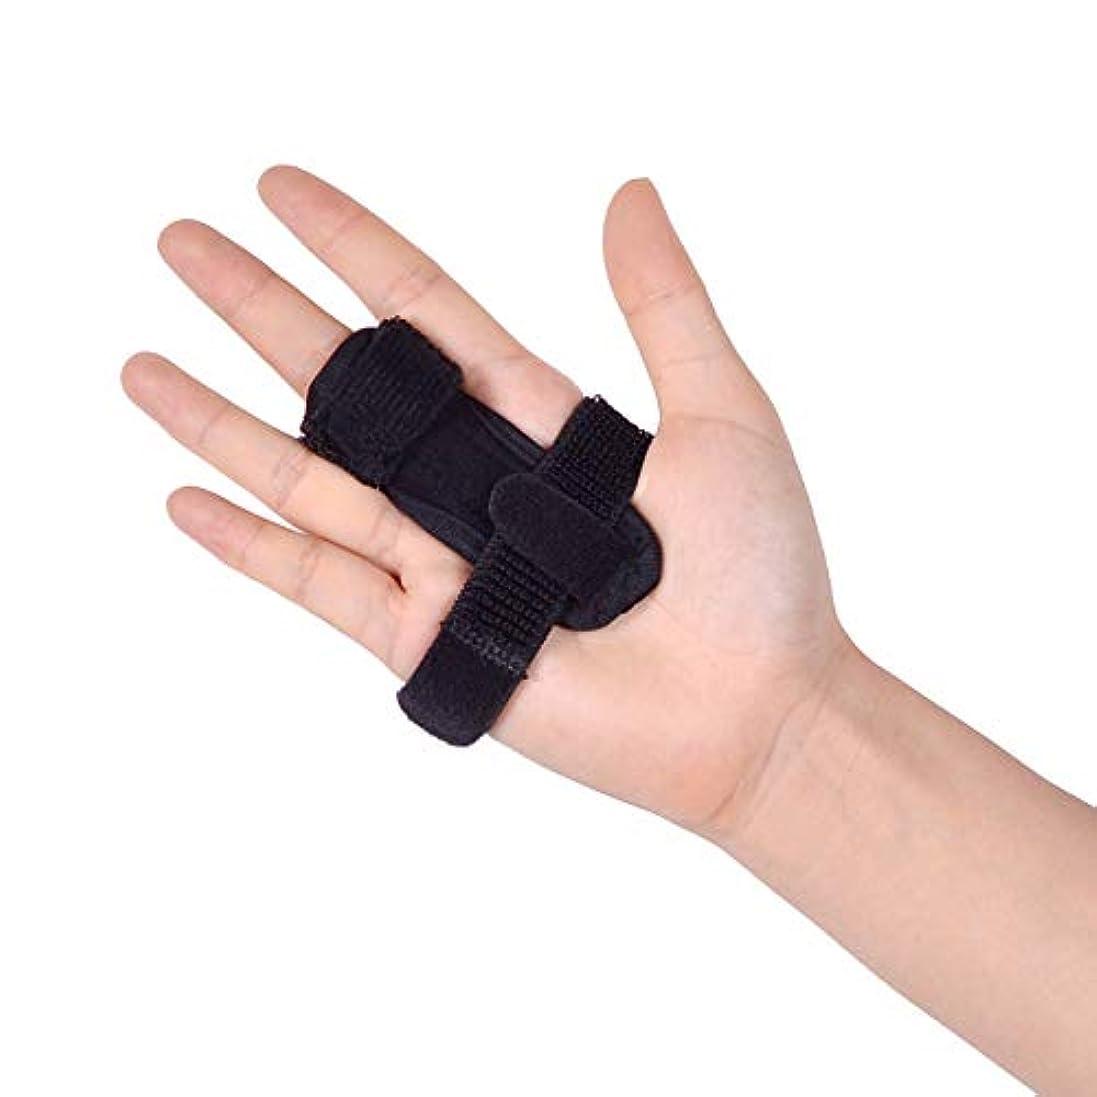 ラウズ脅かす桁指関節炎外反母趾矯正補助伸展矯正関節炎マレットナックルブレース用剛性捻挫ナックルペインリリーフフィンガーサポートトレーニングブレース